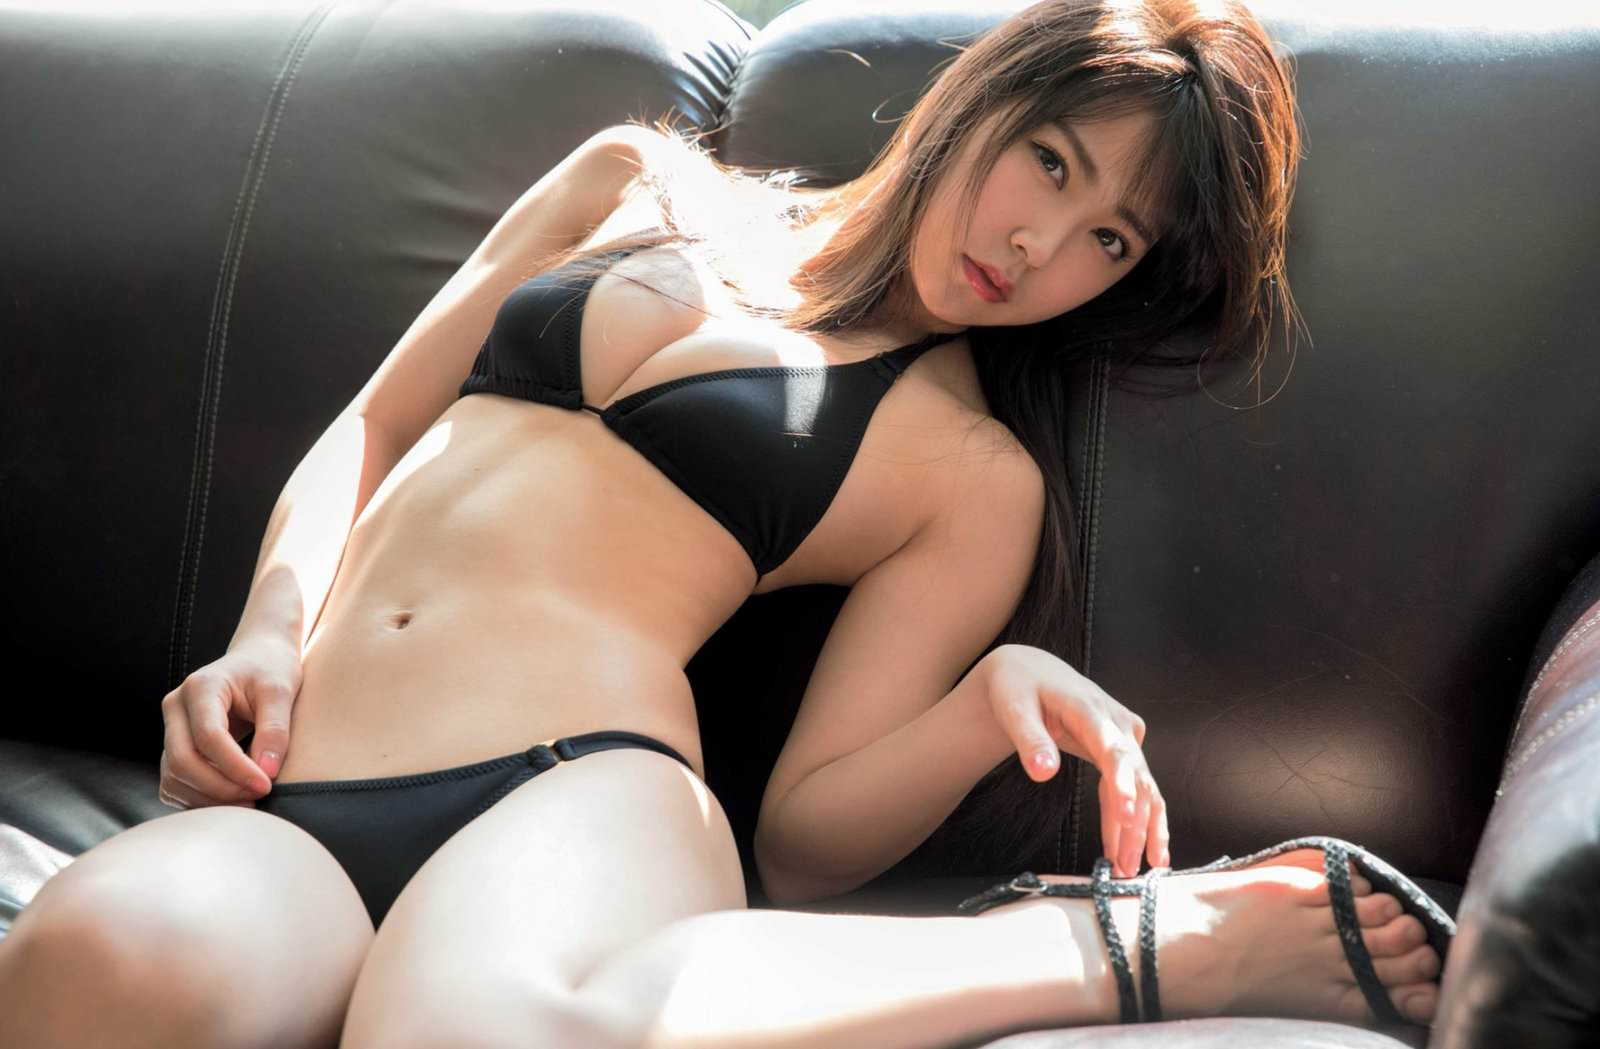 白間美瑠 NMB48みるるんの新エースミズ着&下着お乳色っぽい写真